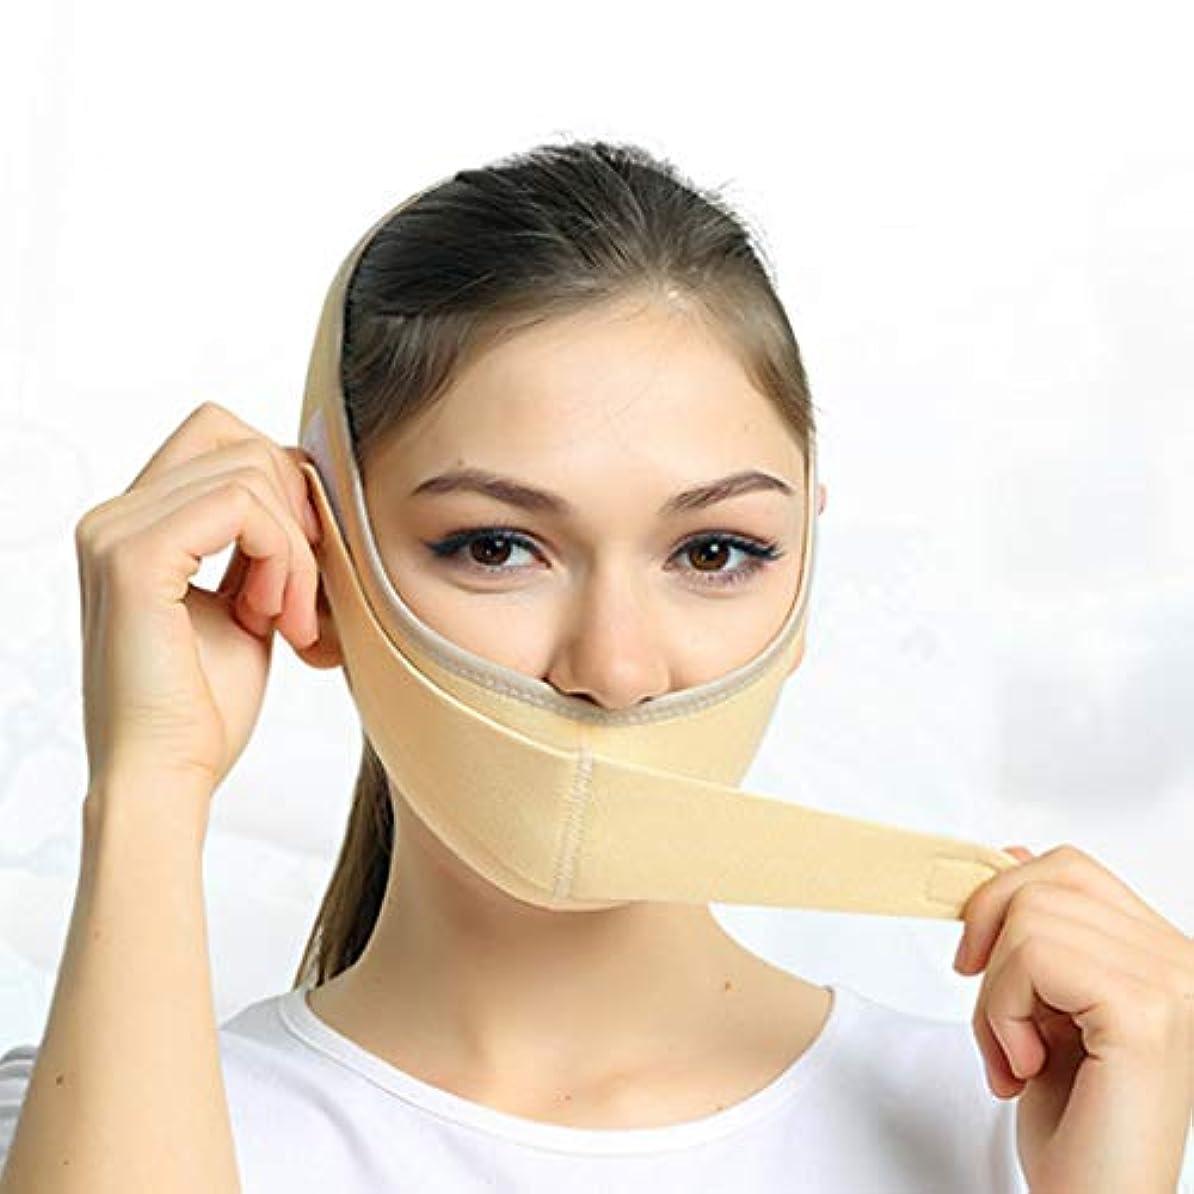 インシュレータ切り離すコンテンツ顔の減量術後の回復包帯小さな v 顔睡眠マスク露出あごの医療顔